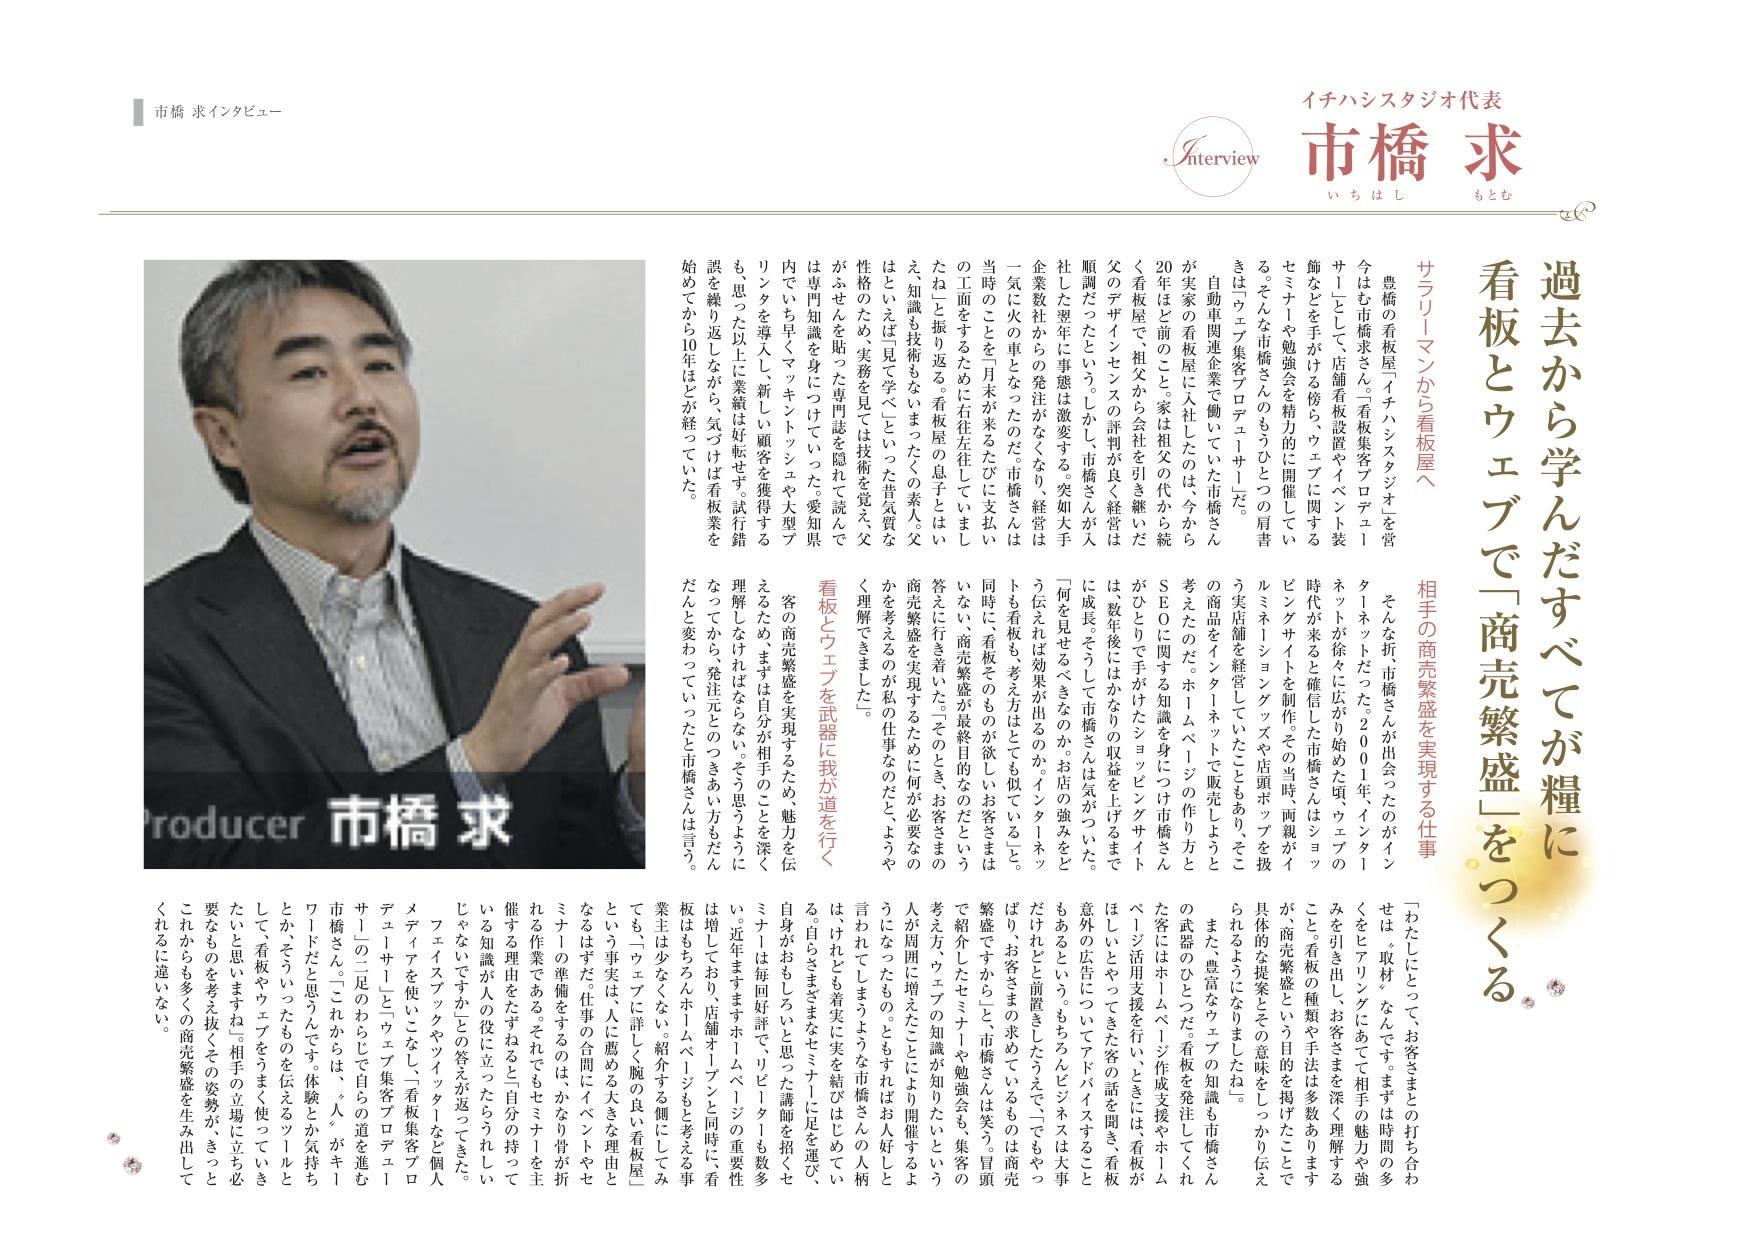 豊橋の看板&WEB集客プロデューサーの取材記事